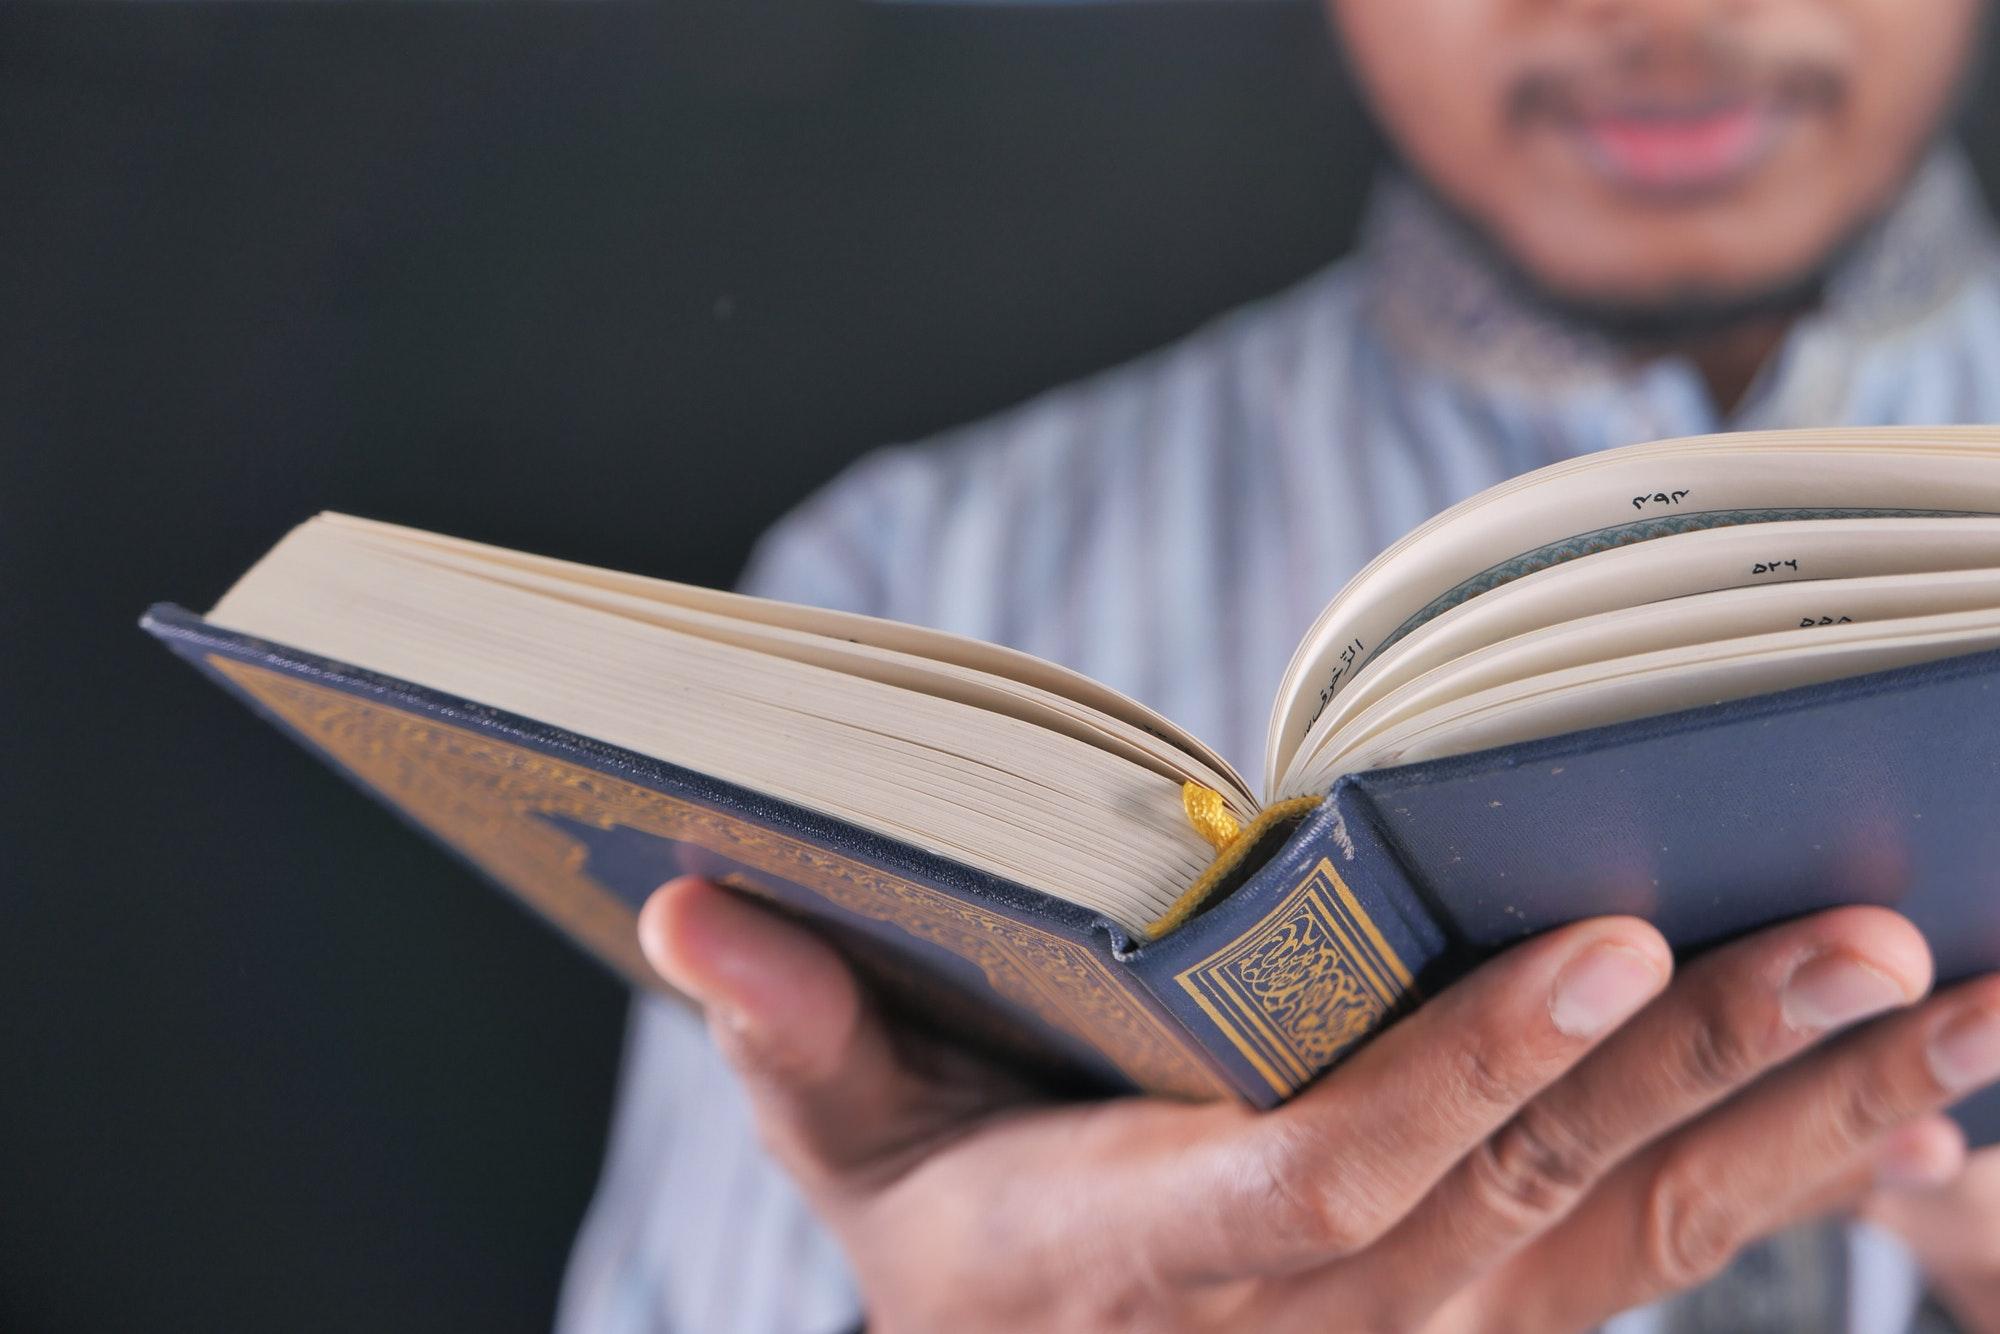 كيفية تعلم حفظ القرآن الكريم